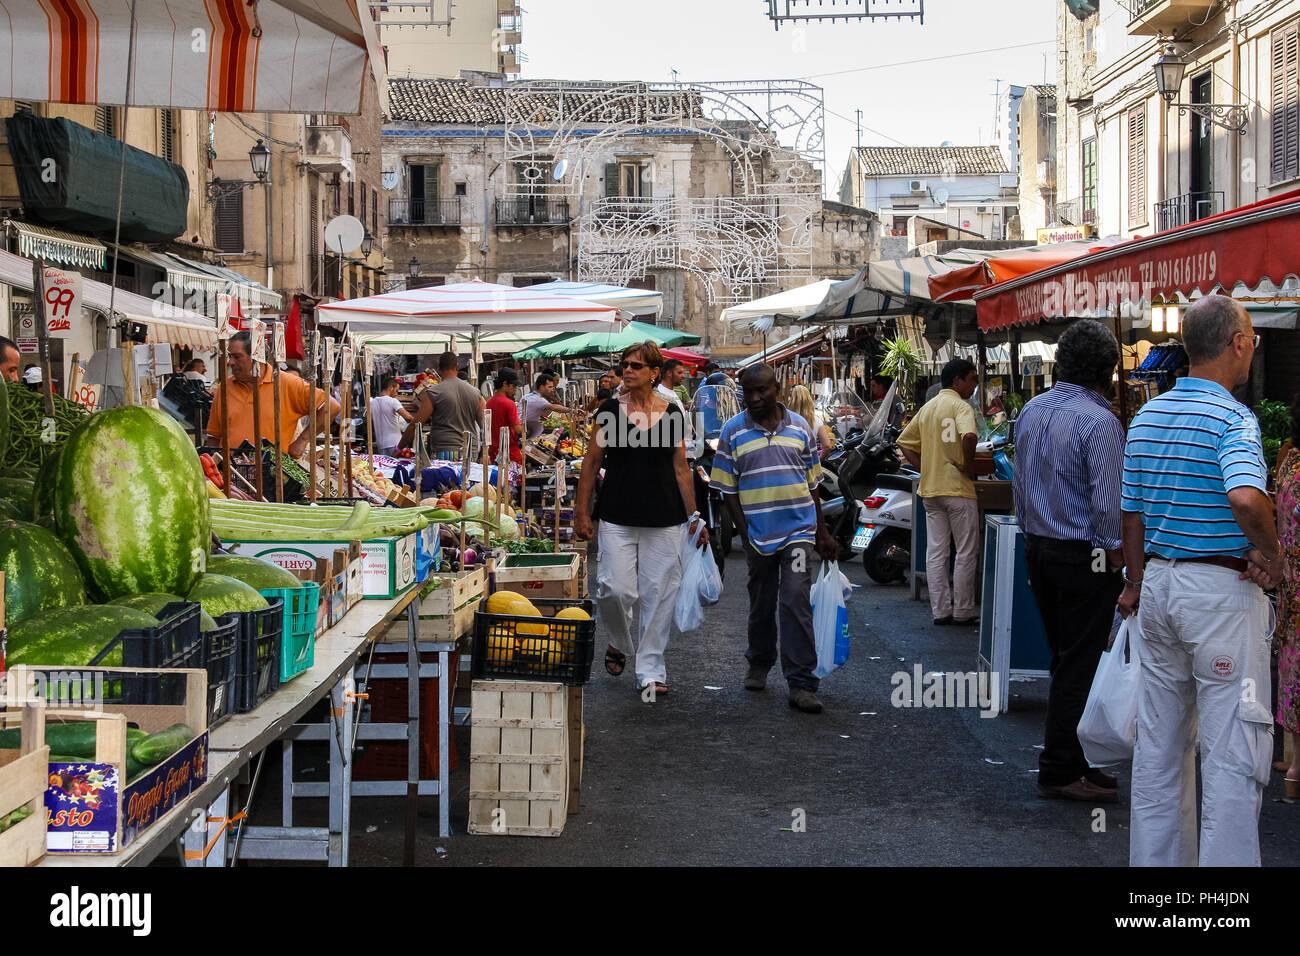 Ballarò Food Market, Palermo, Sizilien Stockbild